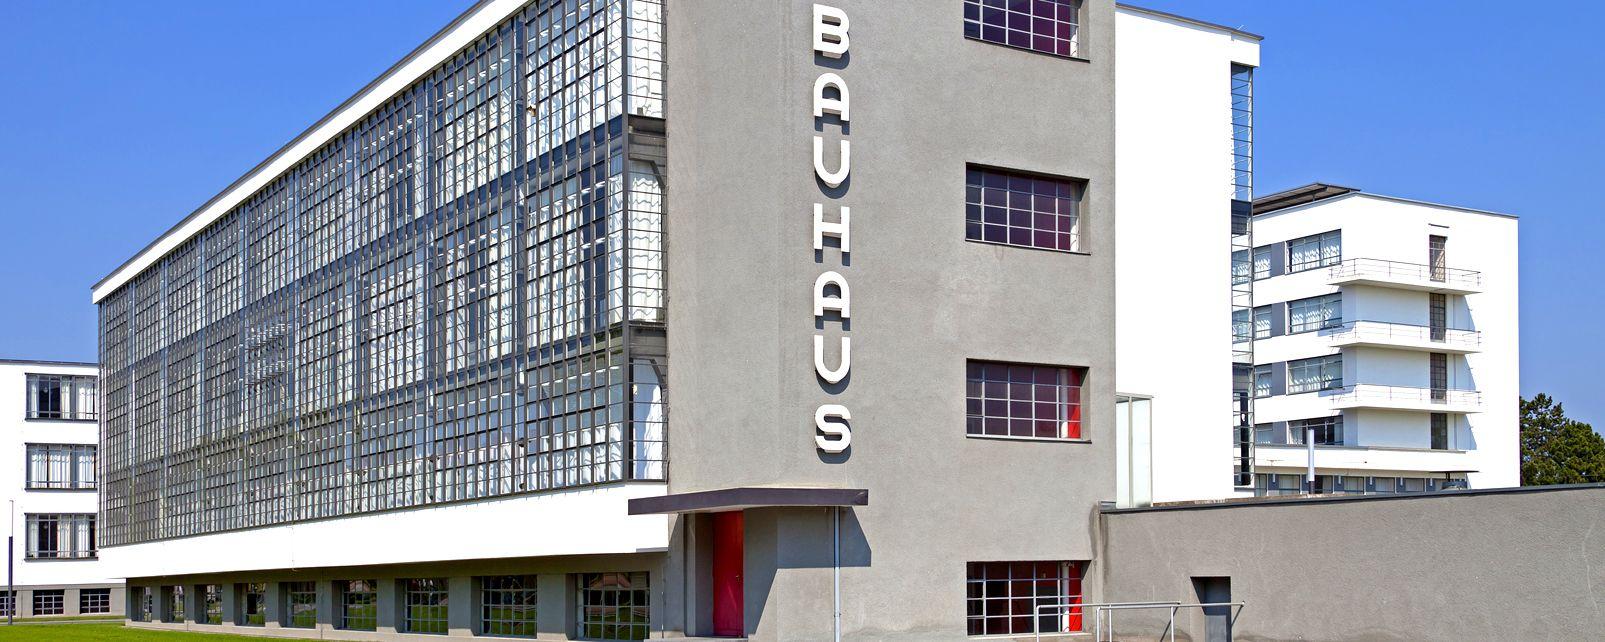 Das Bauhausgebäude in Dessau, Das Bauhaus, Die Künste und die Kultur, Deutschland